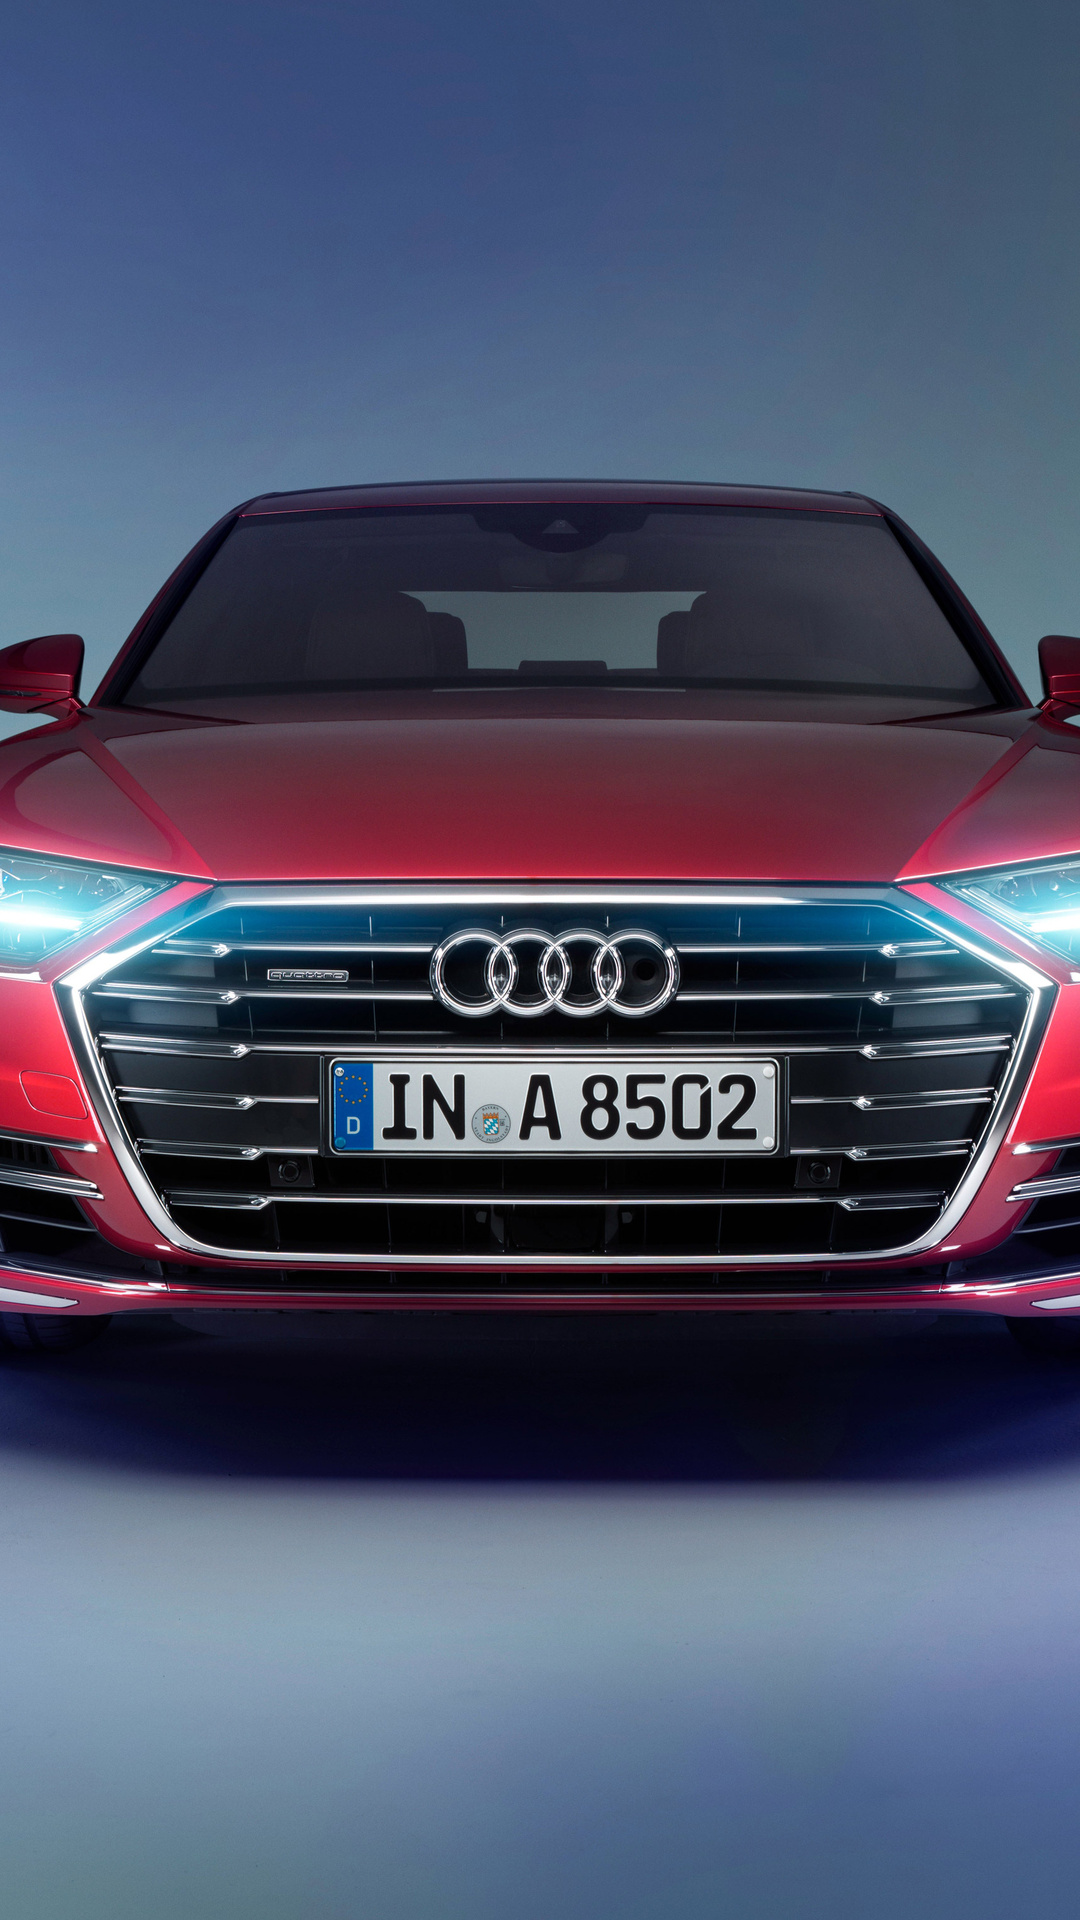 1080x1920 Audi A8 30 Tdi Quattro 4k Iphone 7 6s 6 Plus Pixel xl